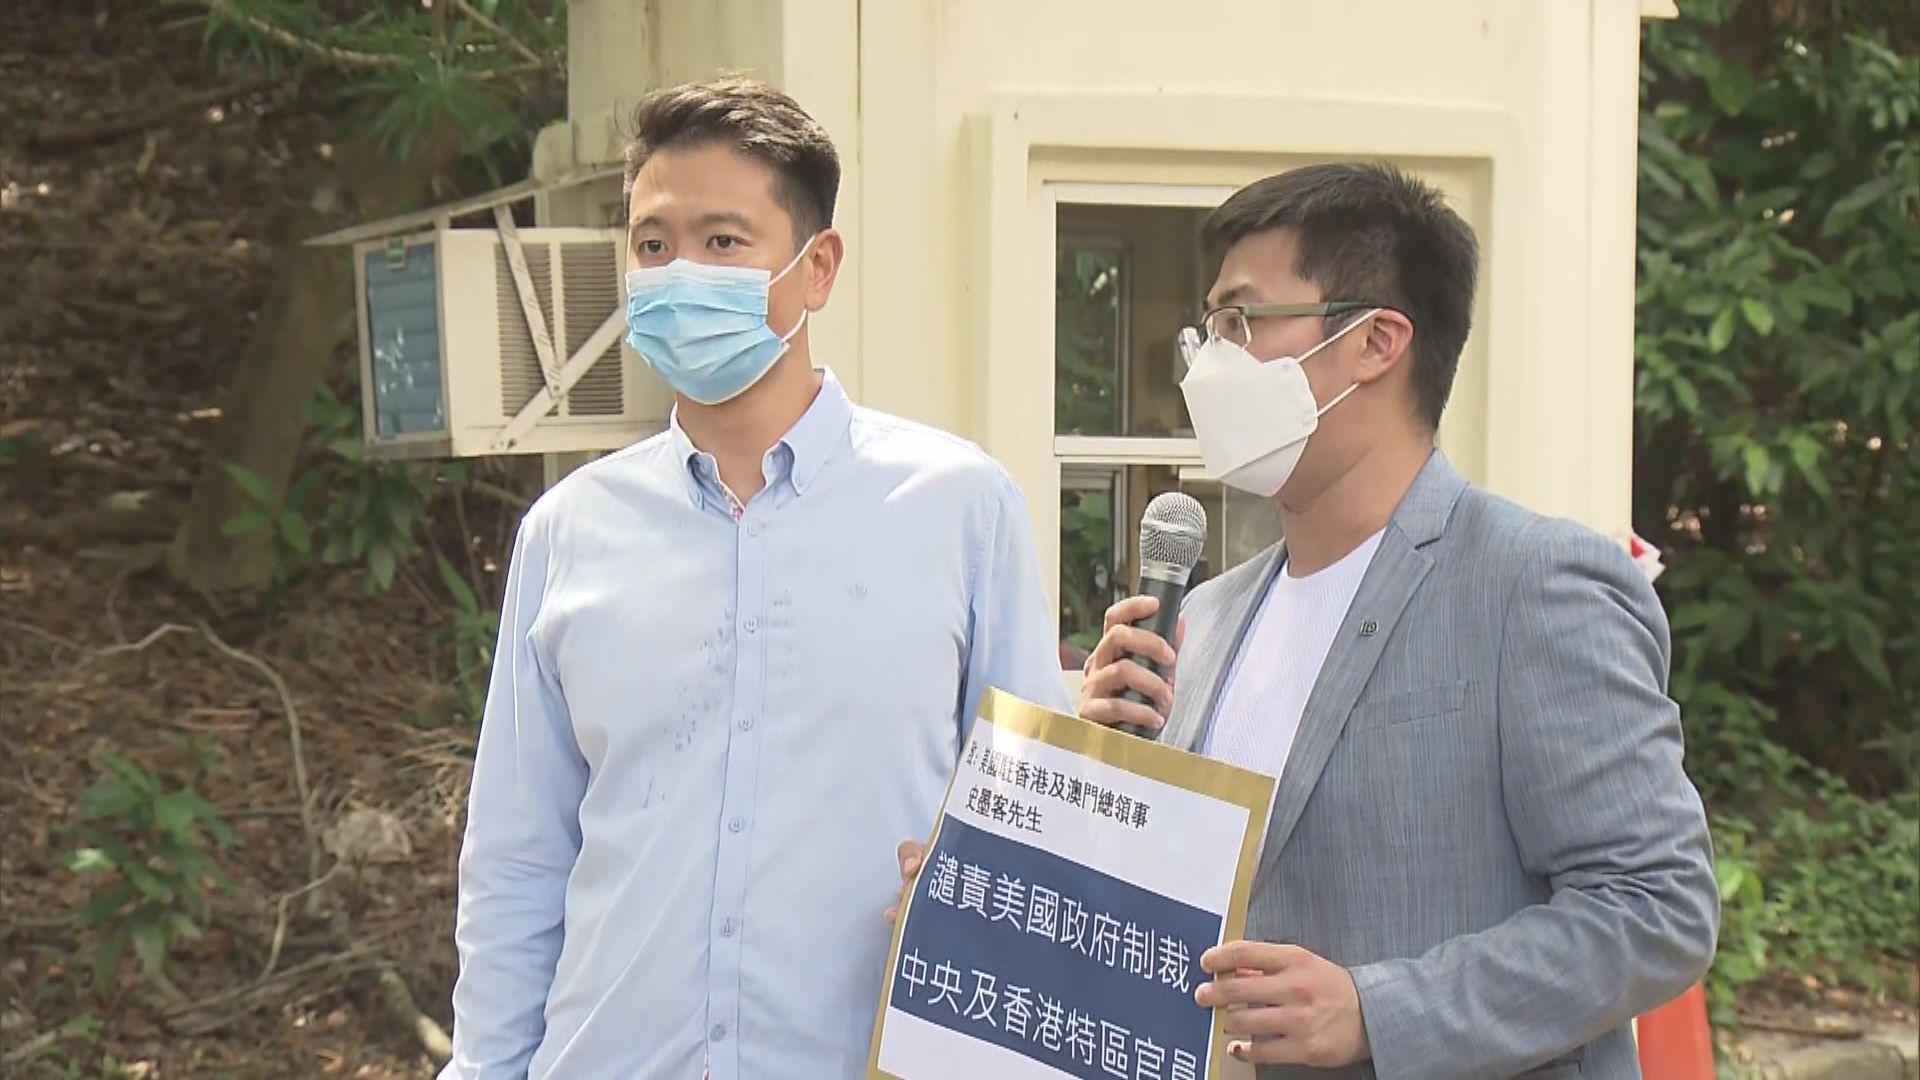 民建聯抗議美國制裁中央及香港官員